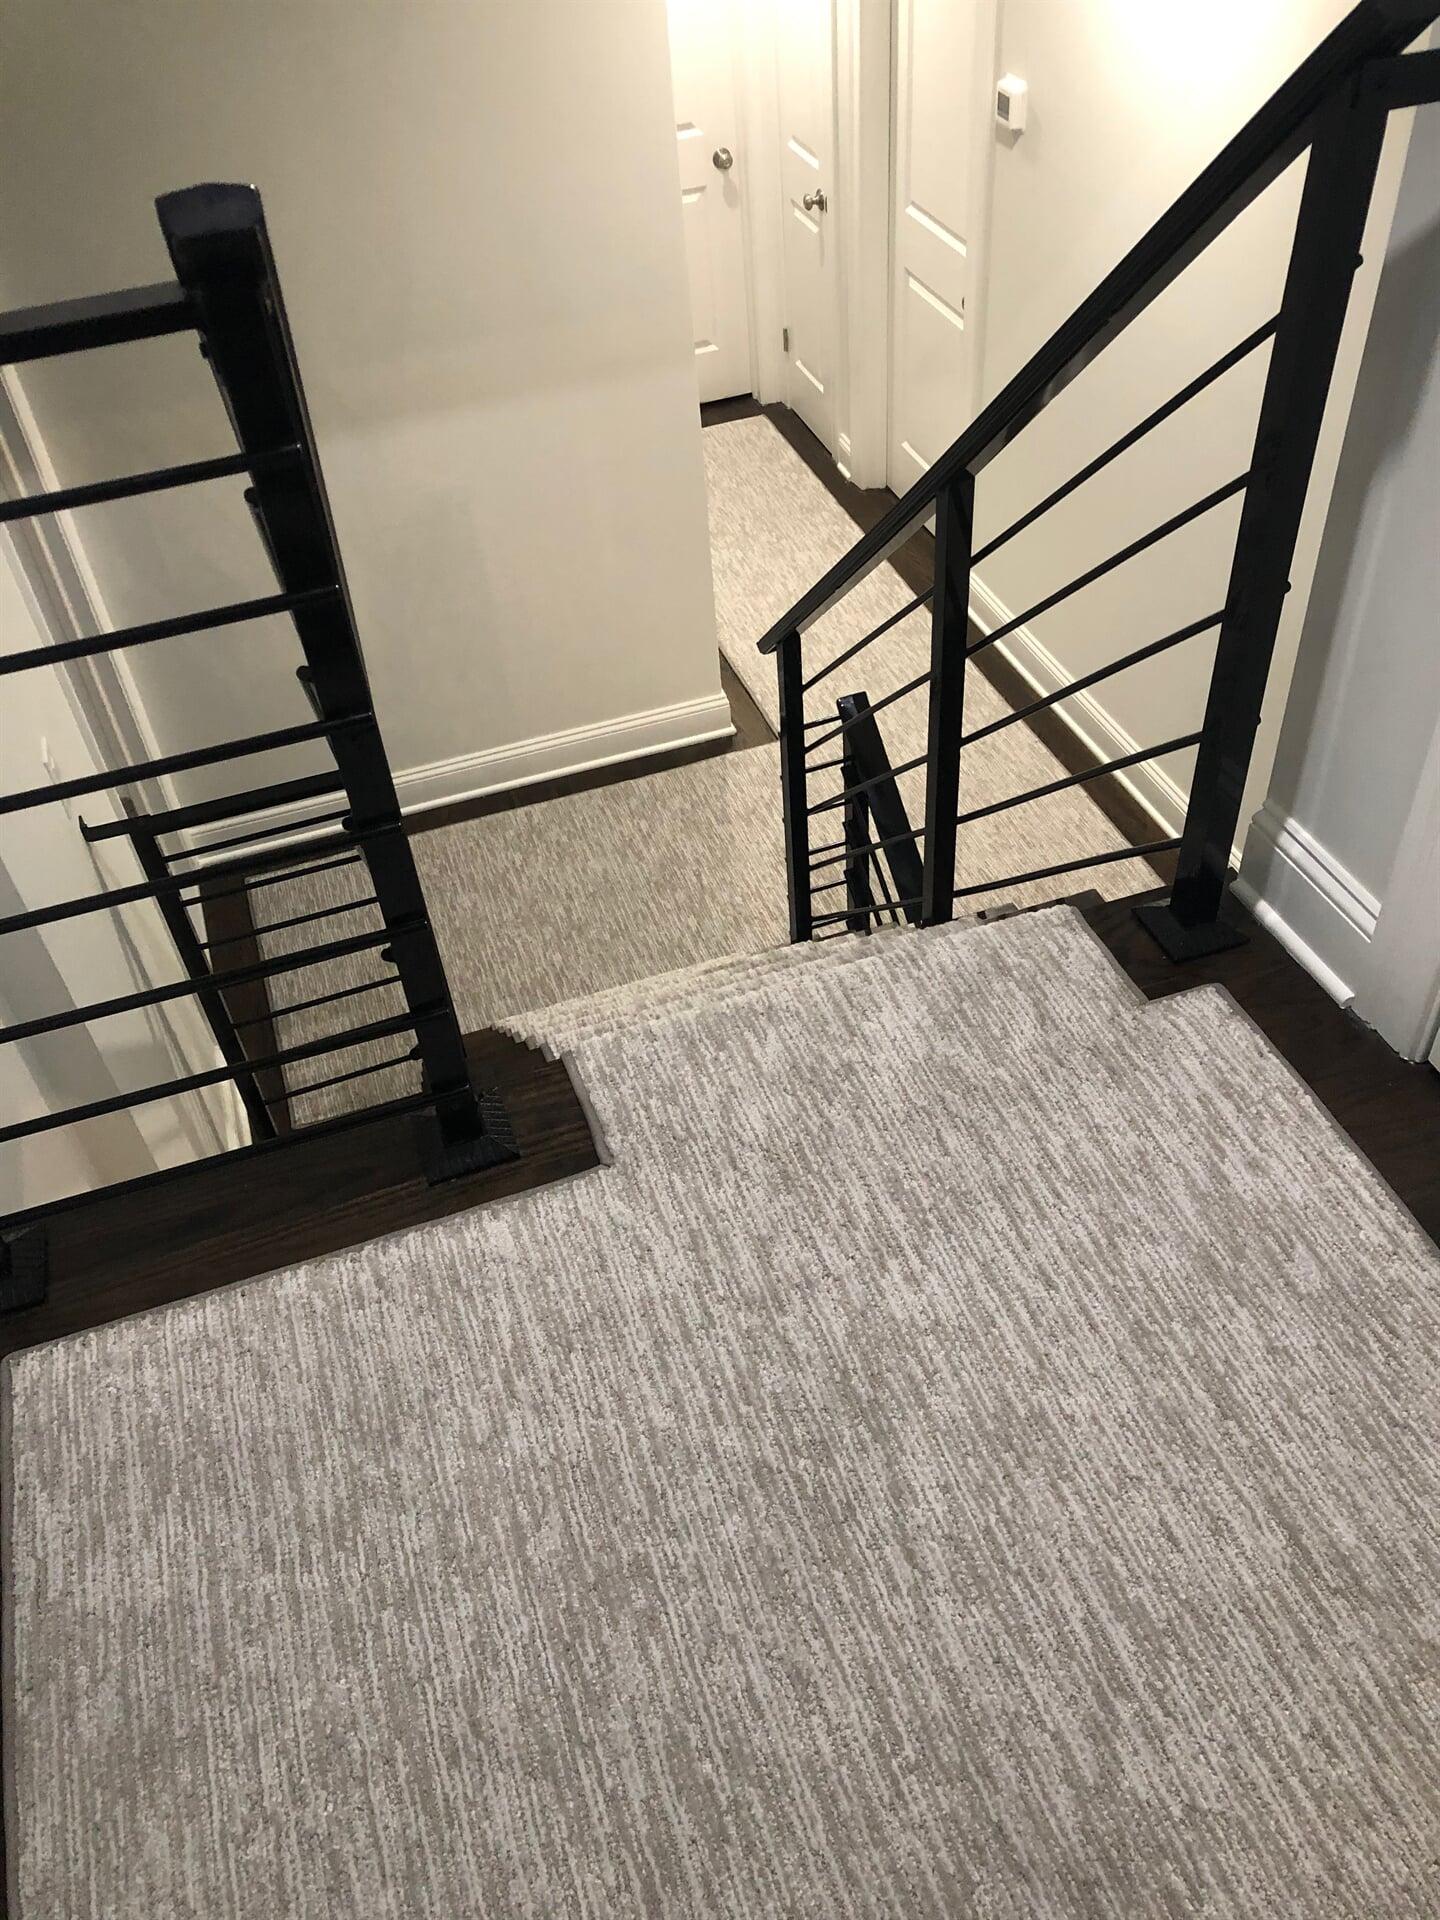 Carpet stair runner in Monroe, NJ from Carpet Yard